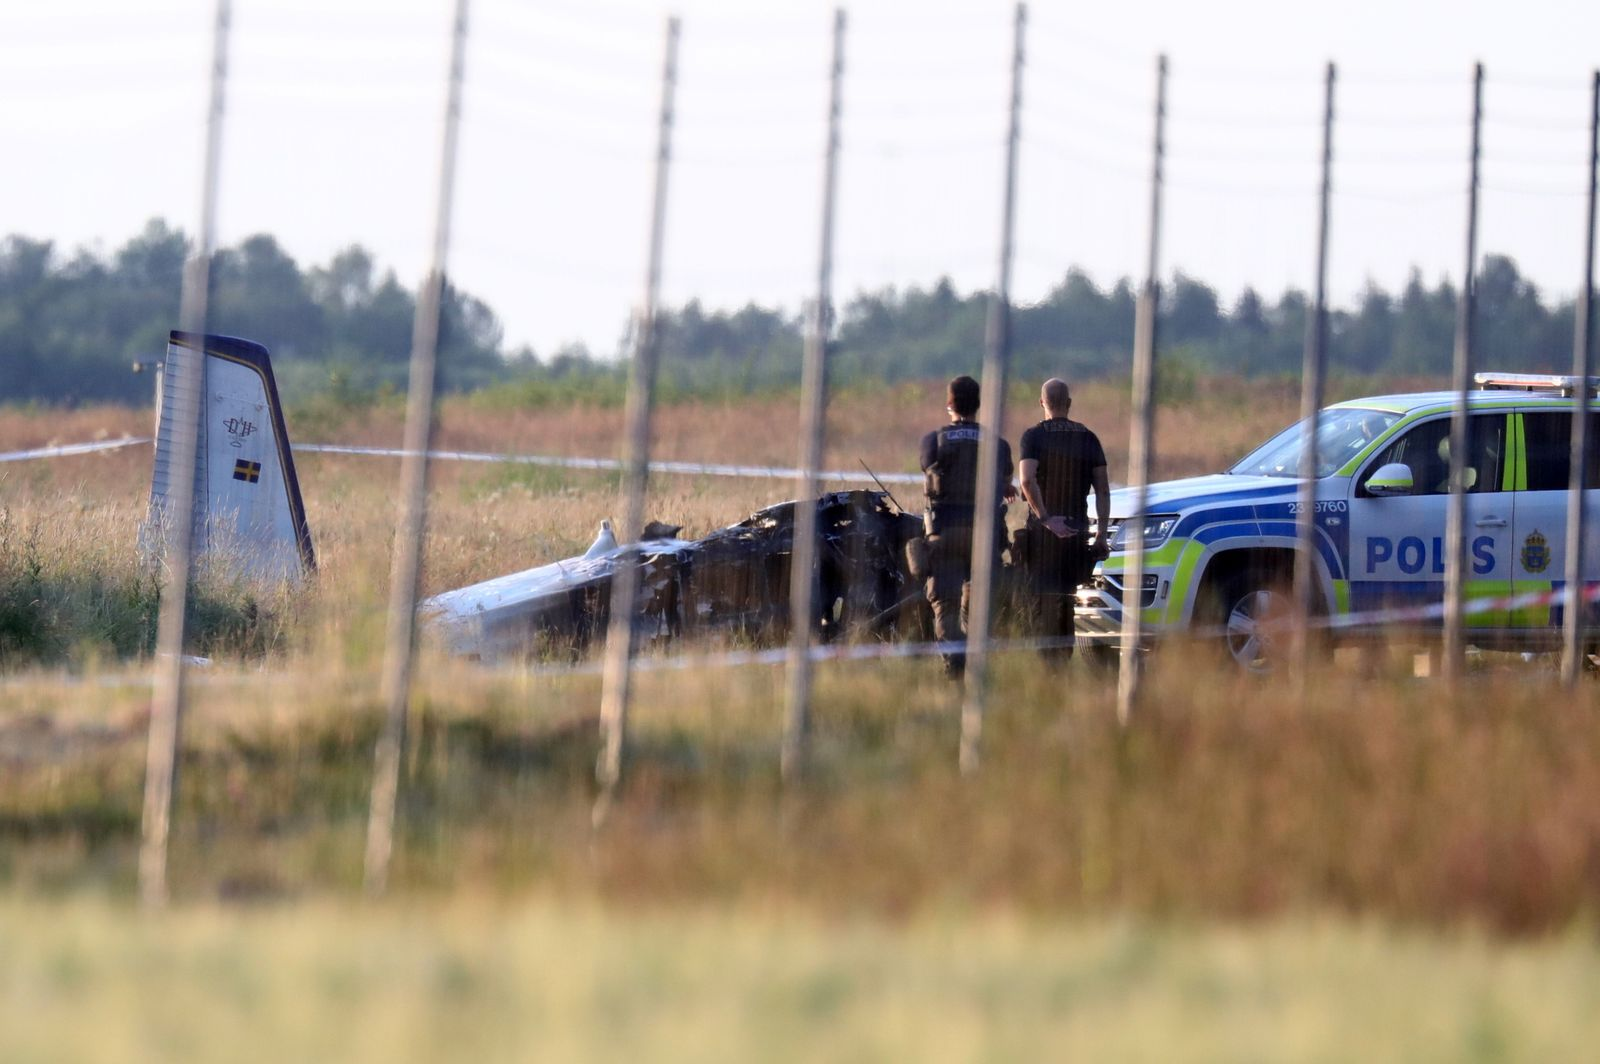 Small plane crashes near Orebro, Sweden